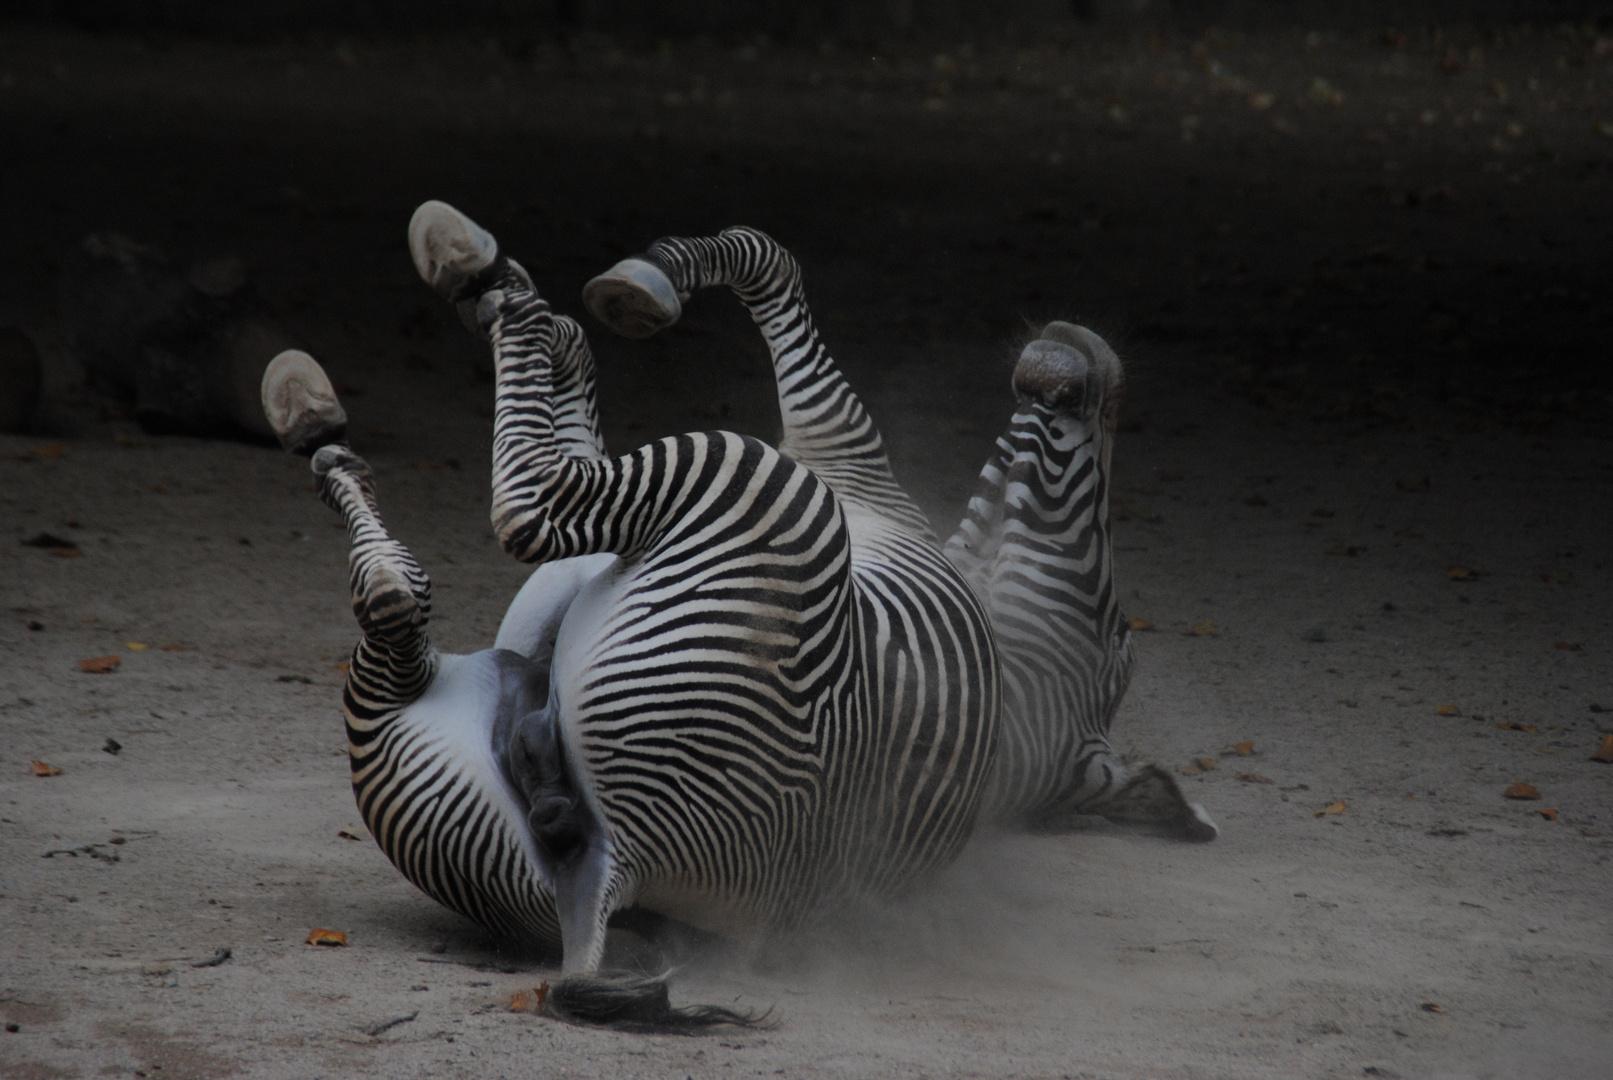 Haste' deine 5 Minuten? - Zebra im Zoo.